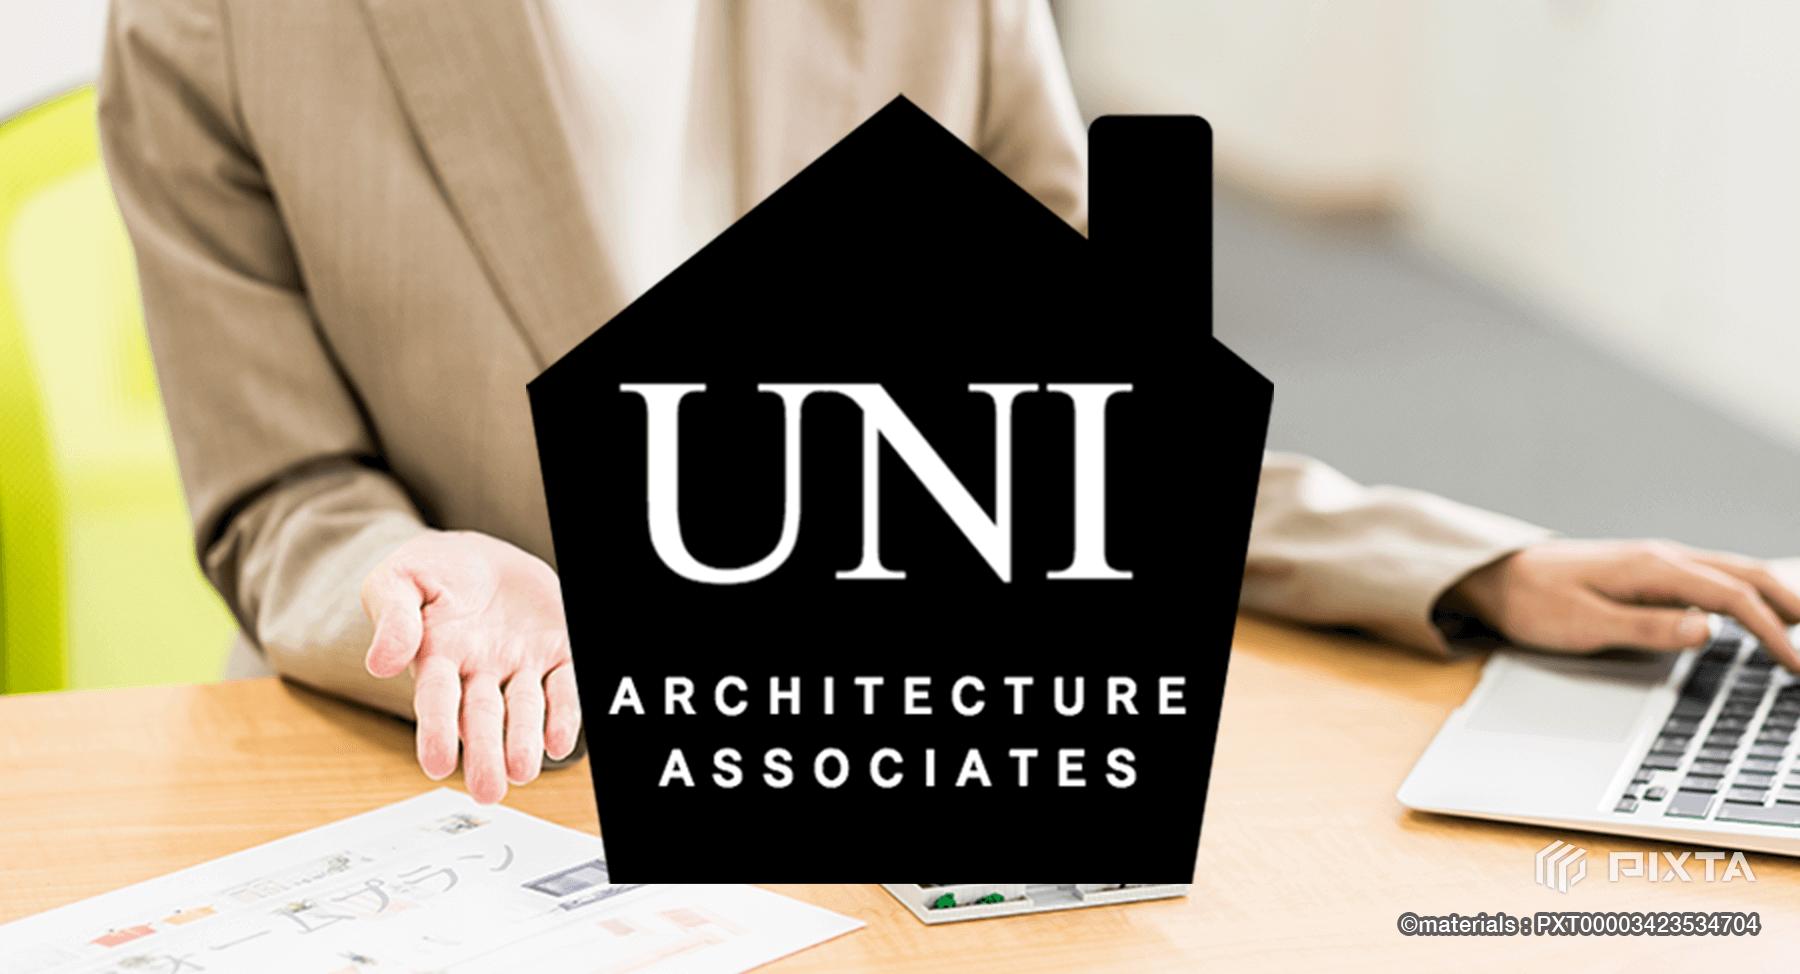 建築事務所ロゴのデザインテンプレート